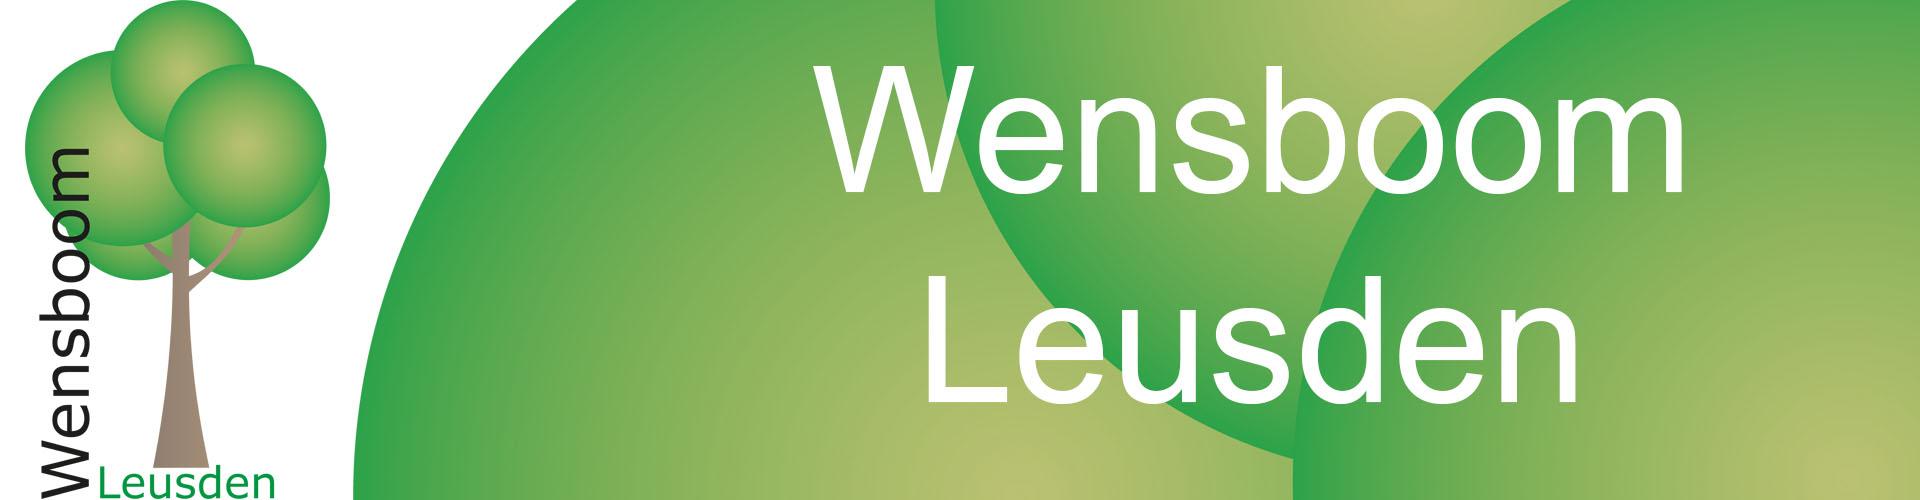 Wensboom Leusden